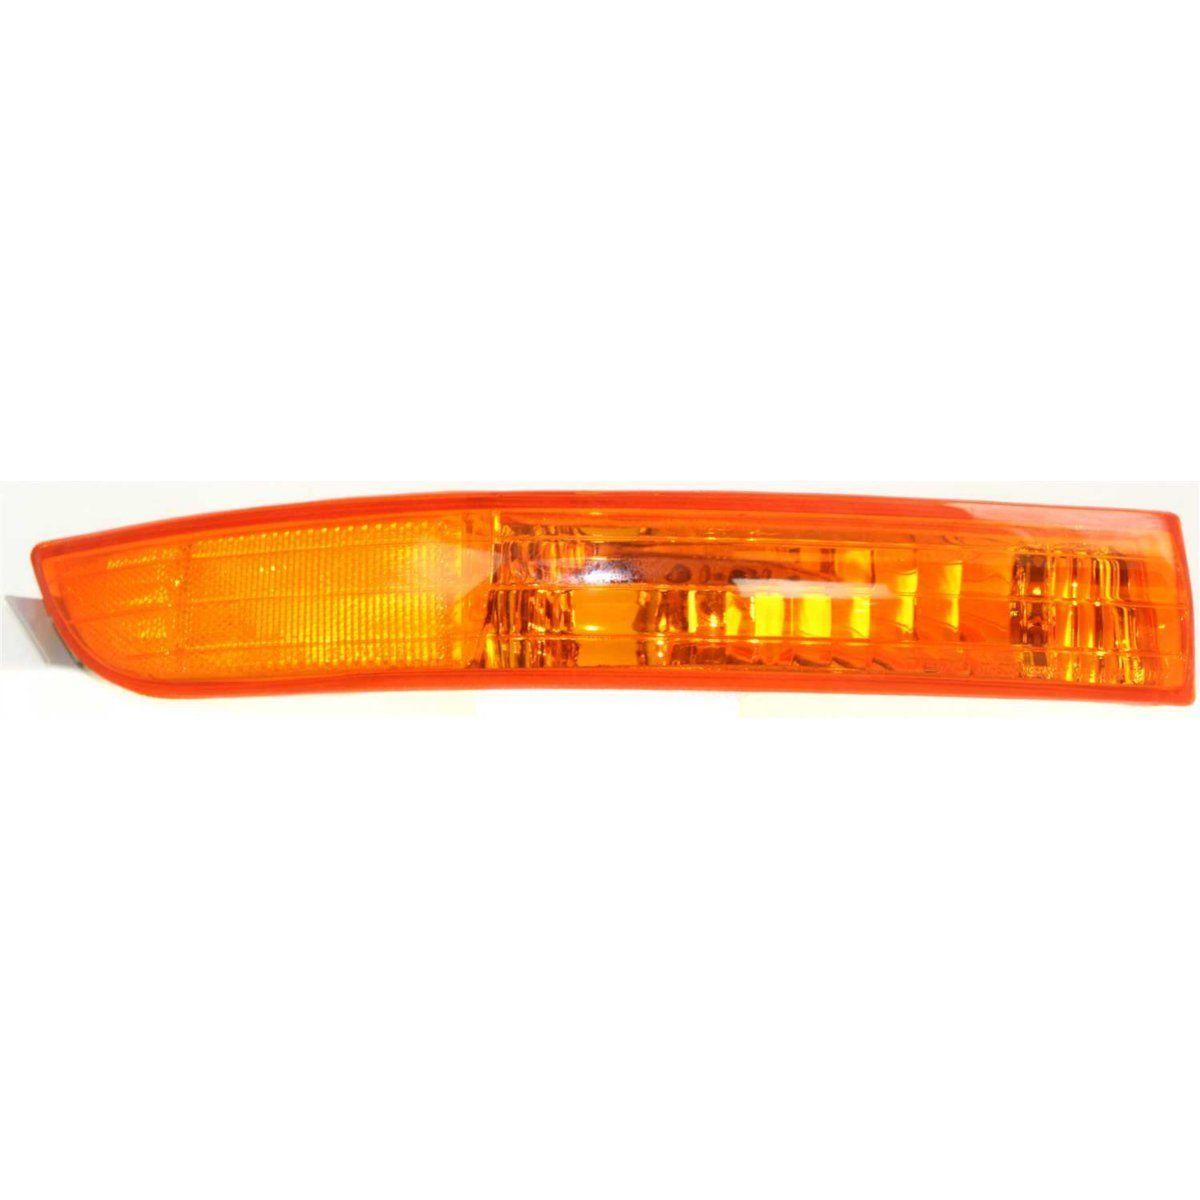 USコーナーライト New Turn Signal Light Corner Side Marker Park Lamp Front Passenger Right RH Hand 新しいターンシグナルライトコーナーサイドマーカーパークランプフロント乗客右RHハンド